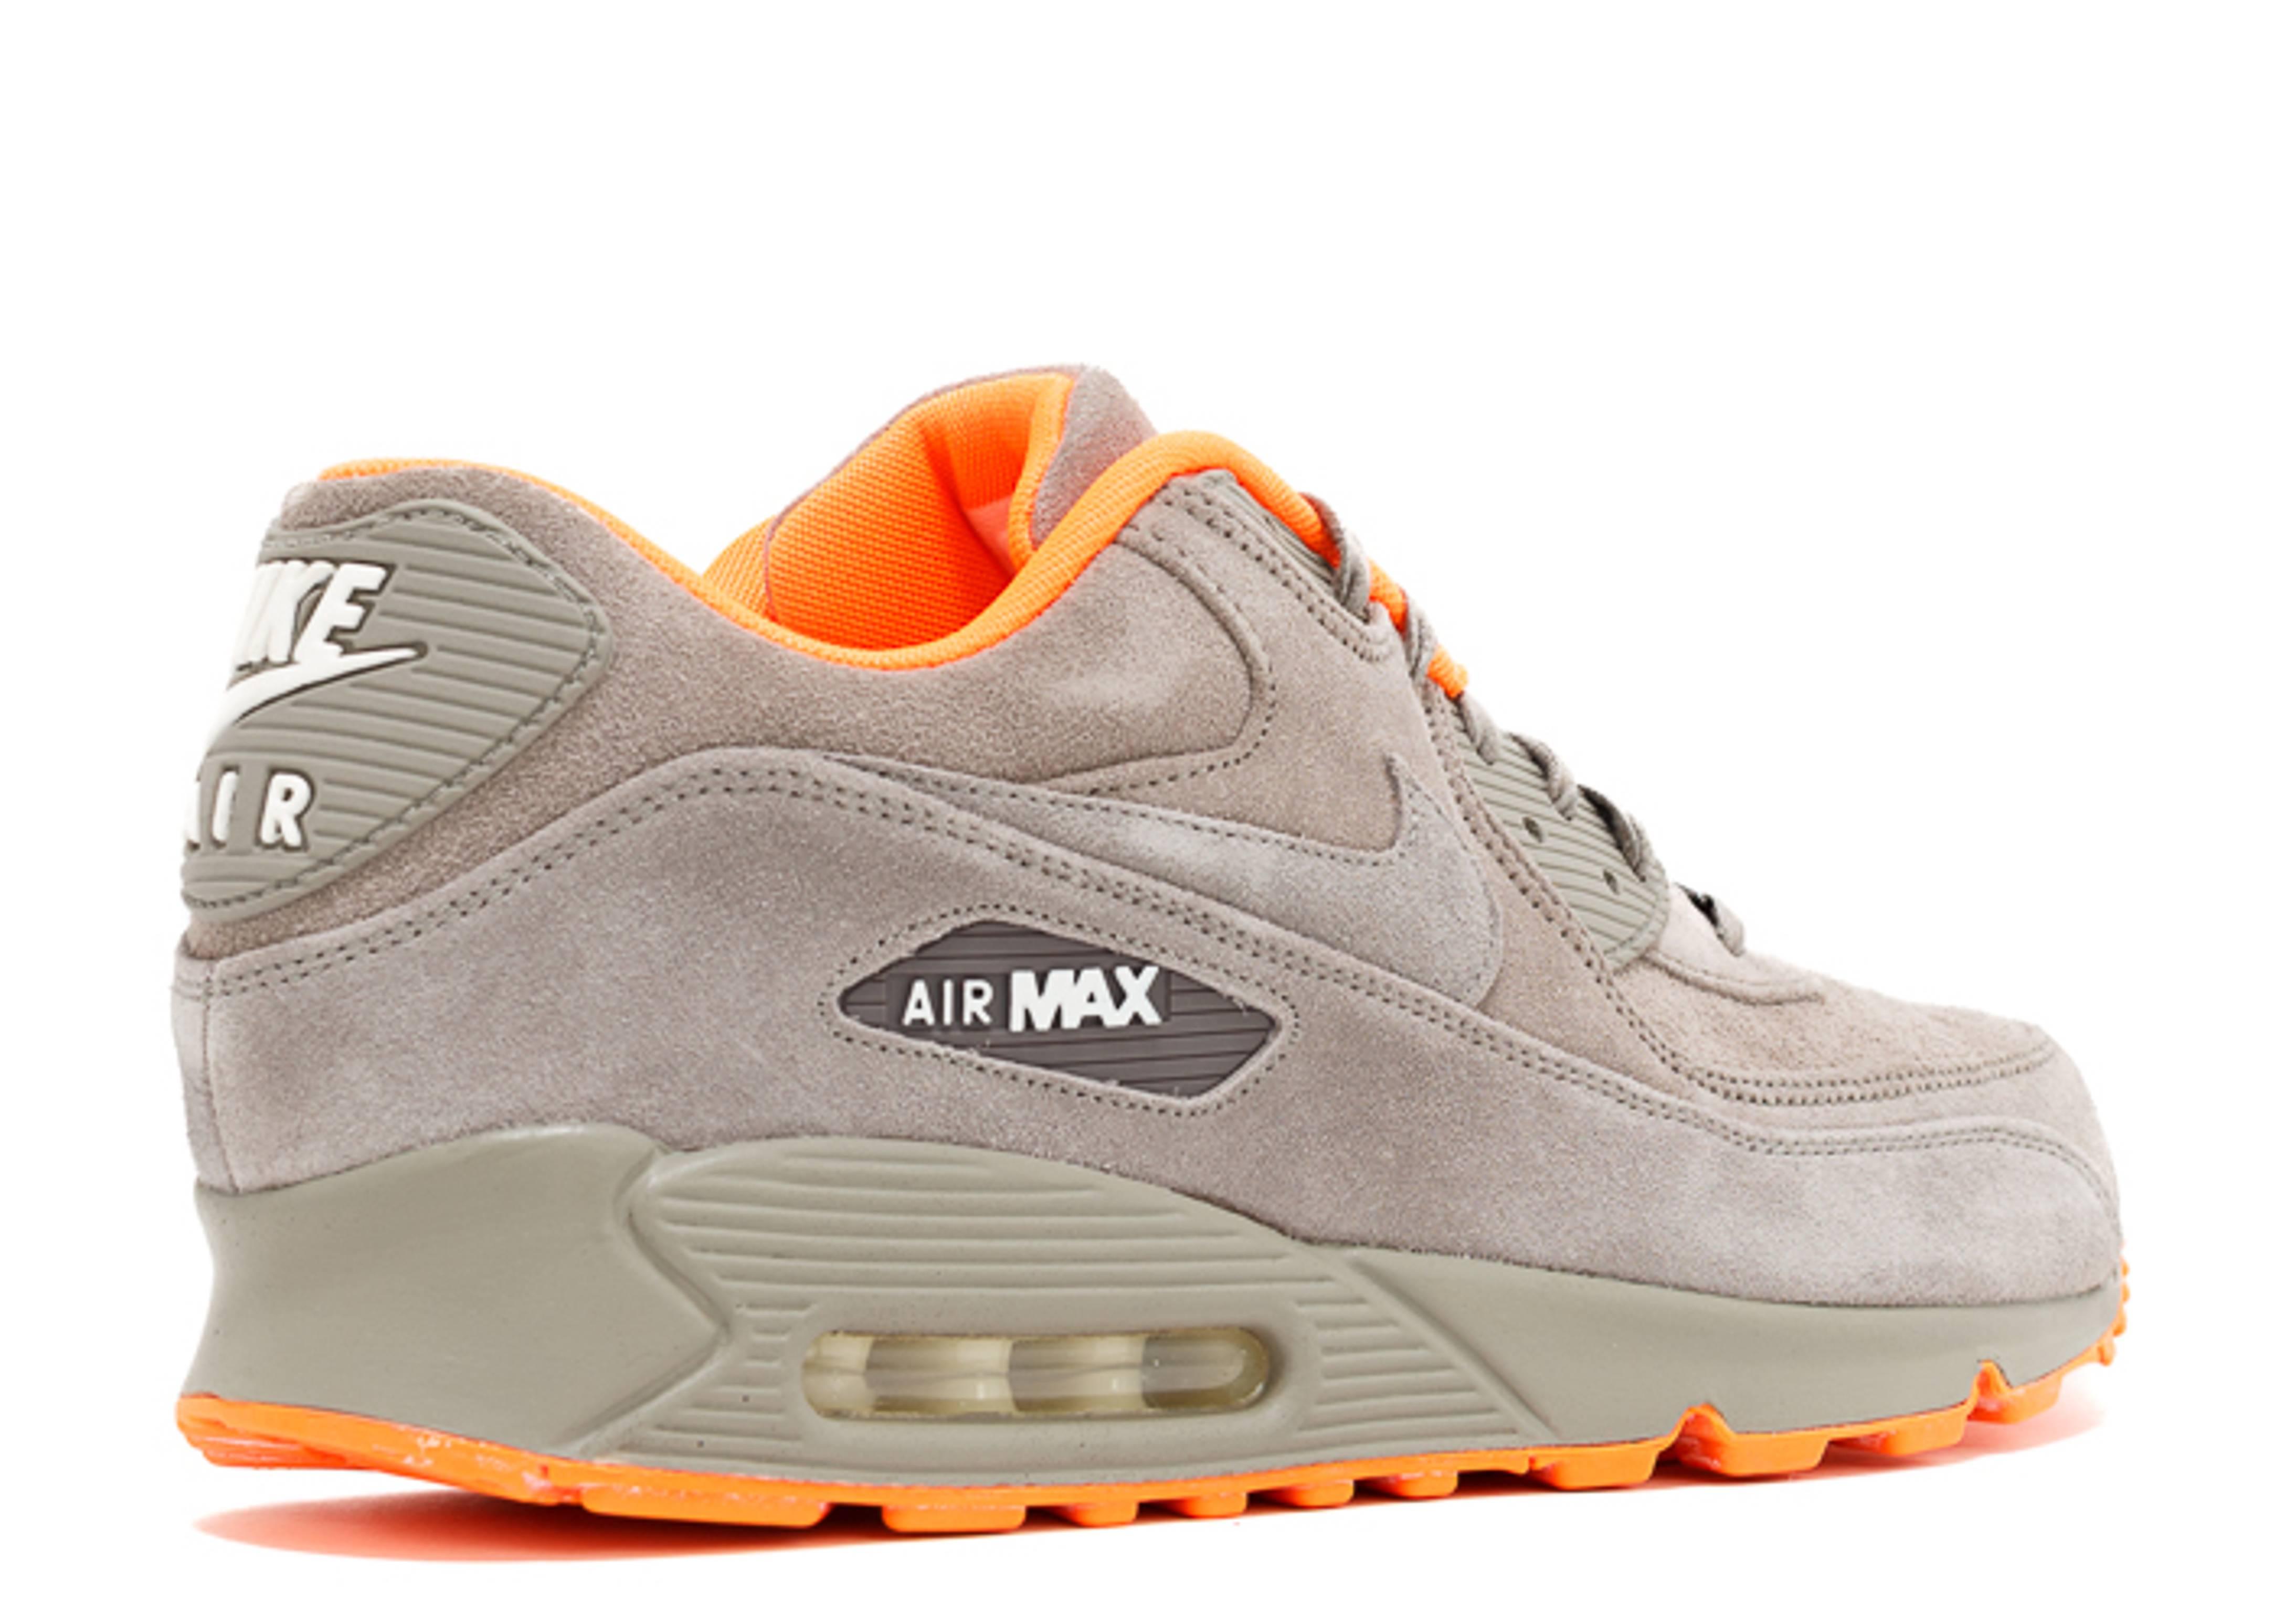 new styles 16976 e54e2 air max 90 milano qs